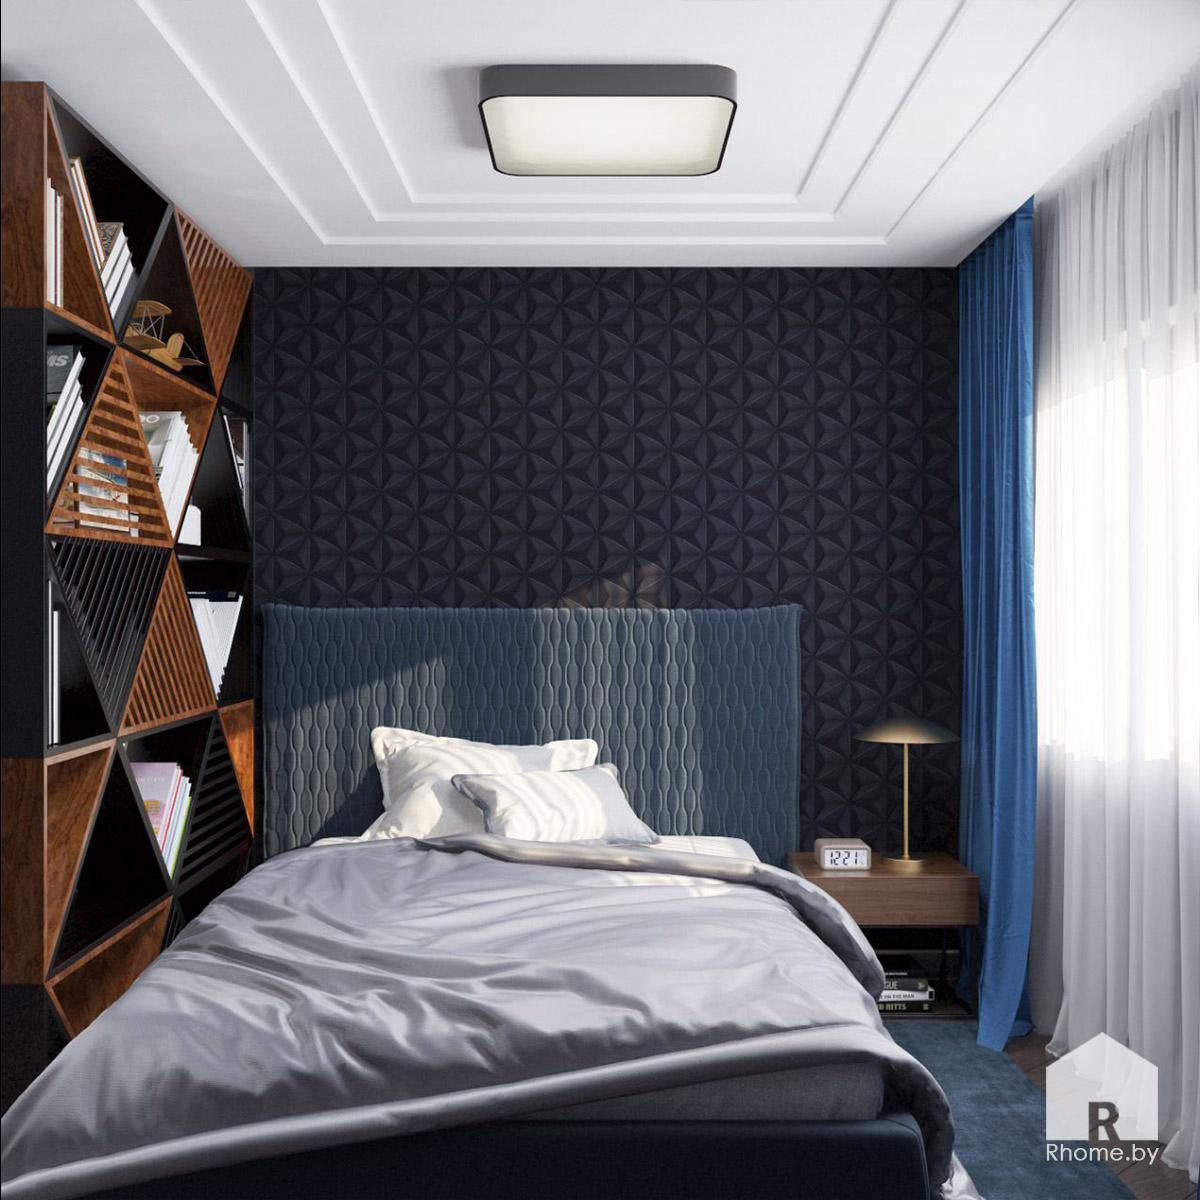 Дизайн детской комнаты в Борисове в темных тонах | Дизайн студия – Rhome.by